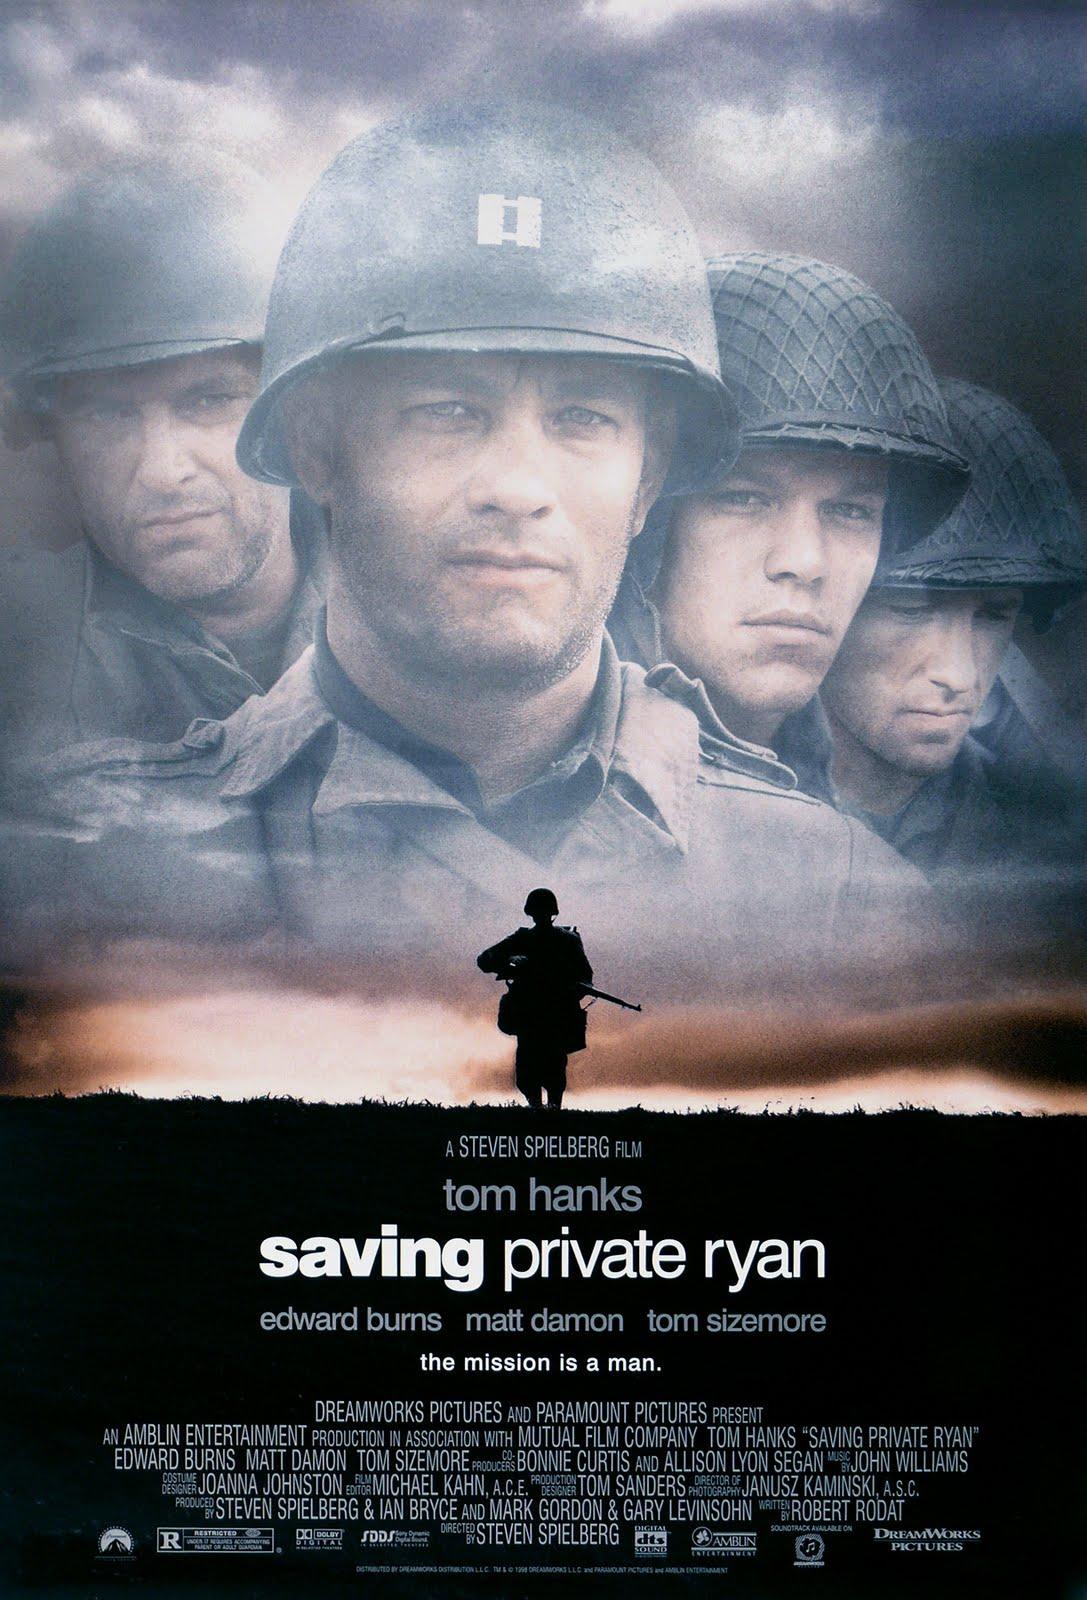 http://1.bp.blogspot.com/-_wX3sk_Ge2Y/TnqAwywN1QI/AAAAAAAAAfQ/vKO3rJiOsfA/s1600/saving-private-ryan-original.jpg